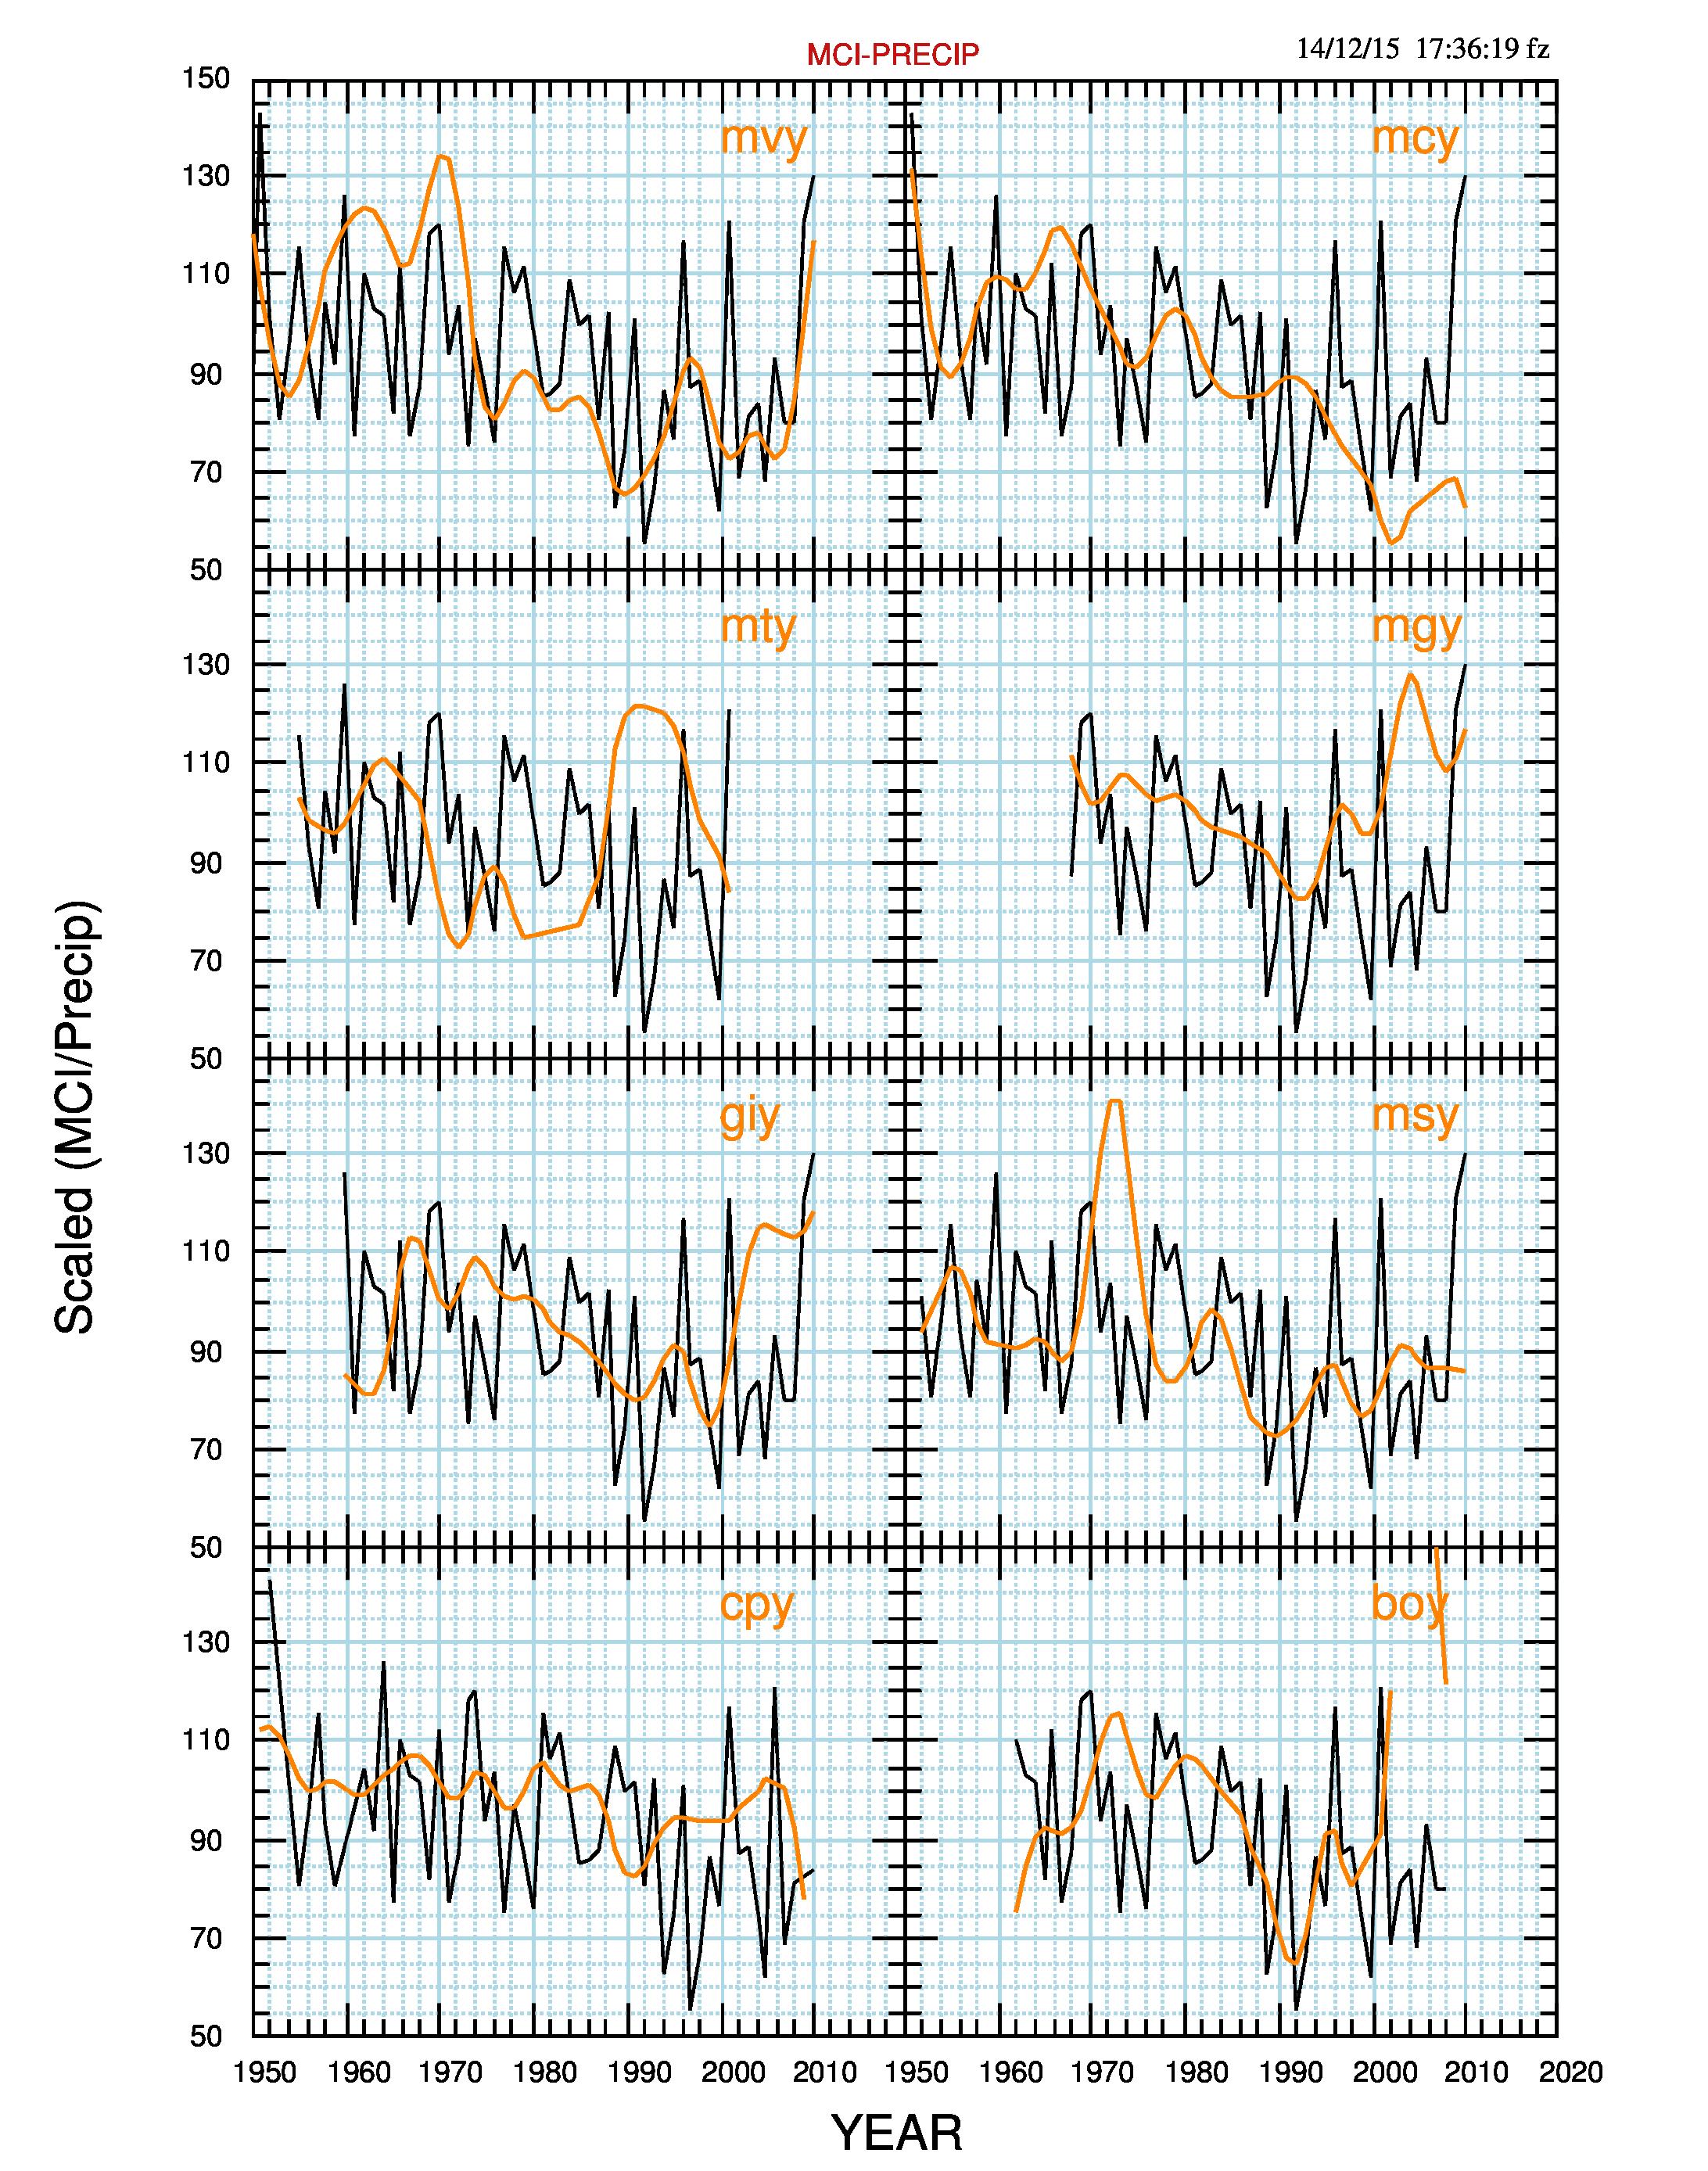 Fig.4. Precipitazioni annue delle 8 stazioni (arancio), in mm/anno, scalate per potersi confrontare con MCI (nero).